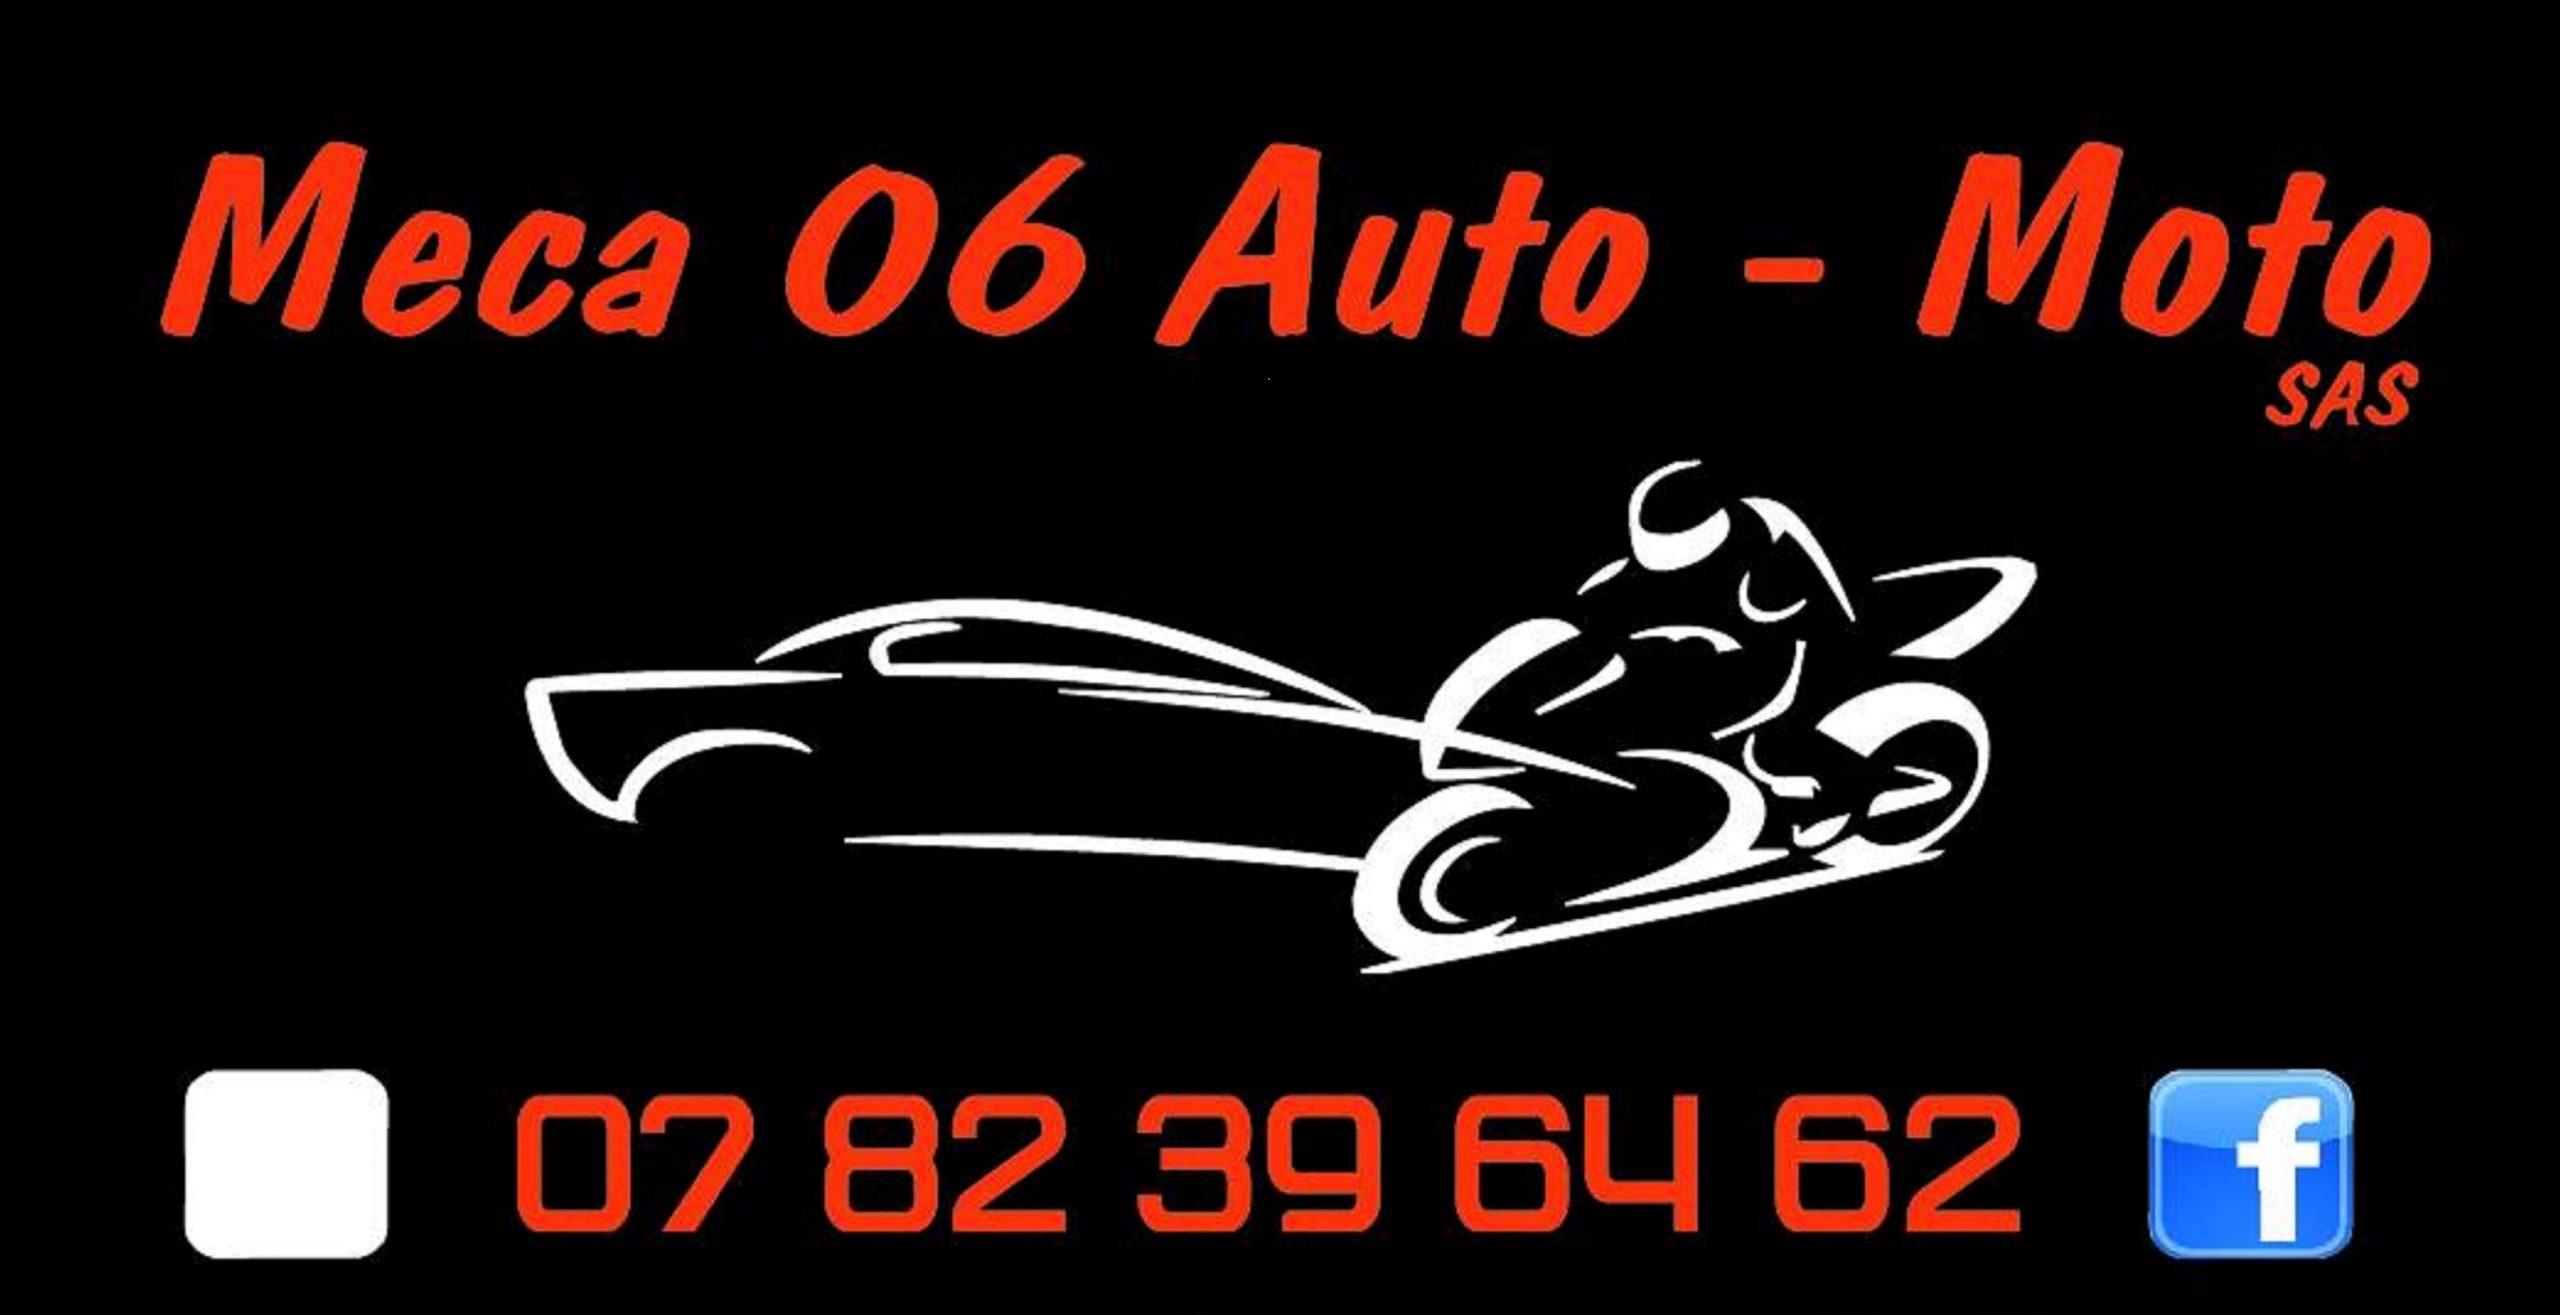 MECA 06 AUTO MOTO